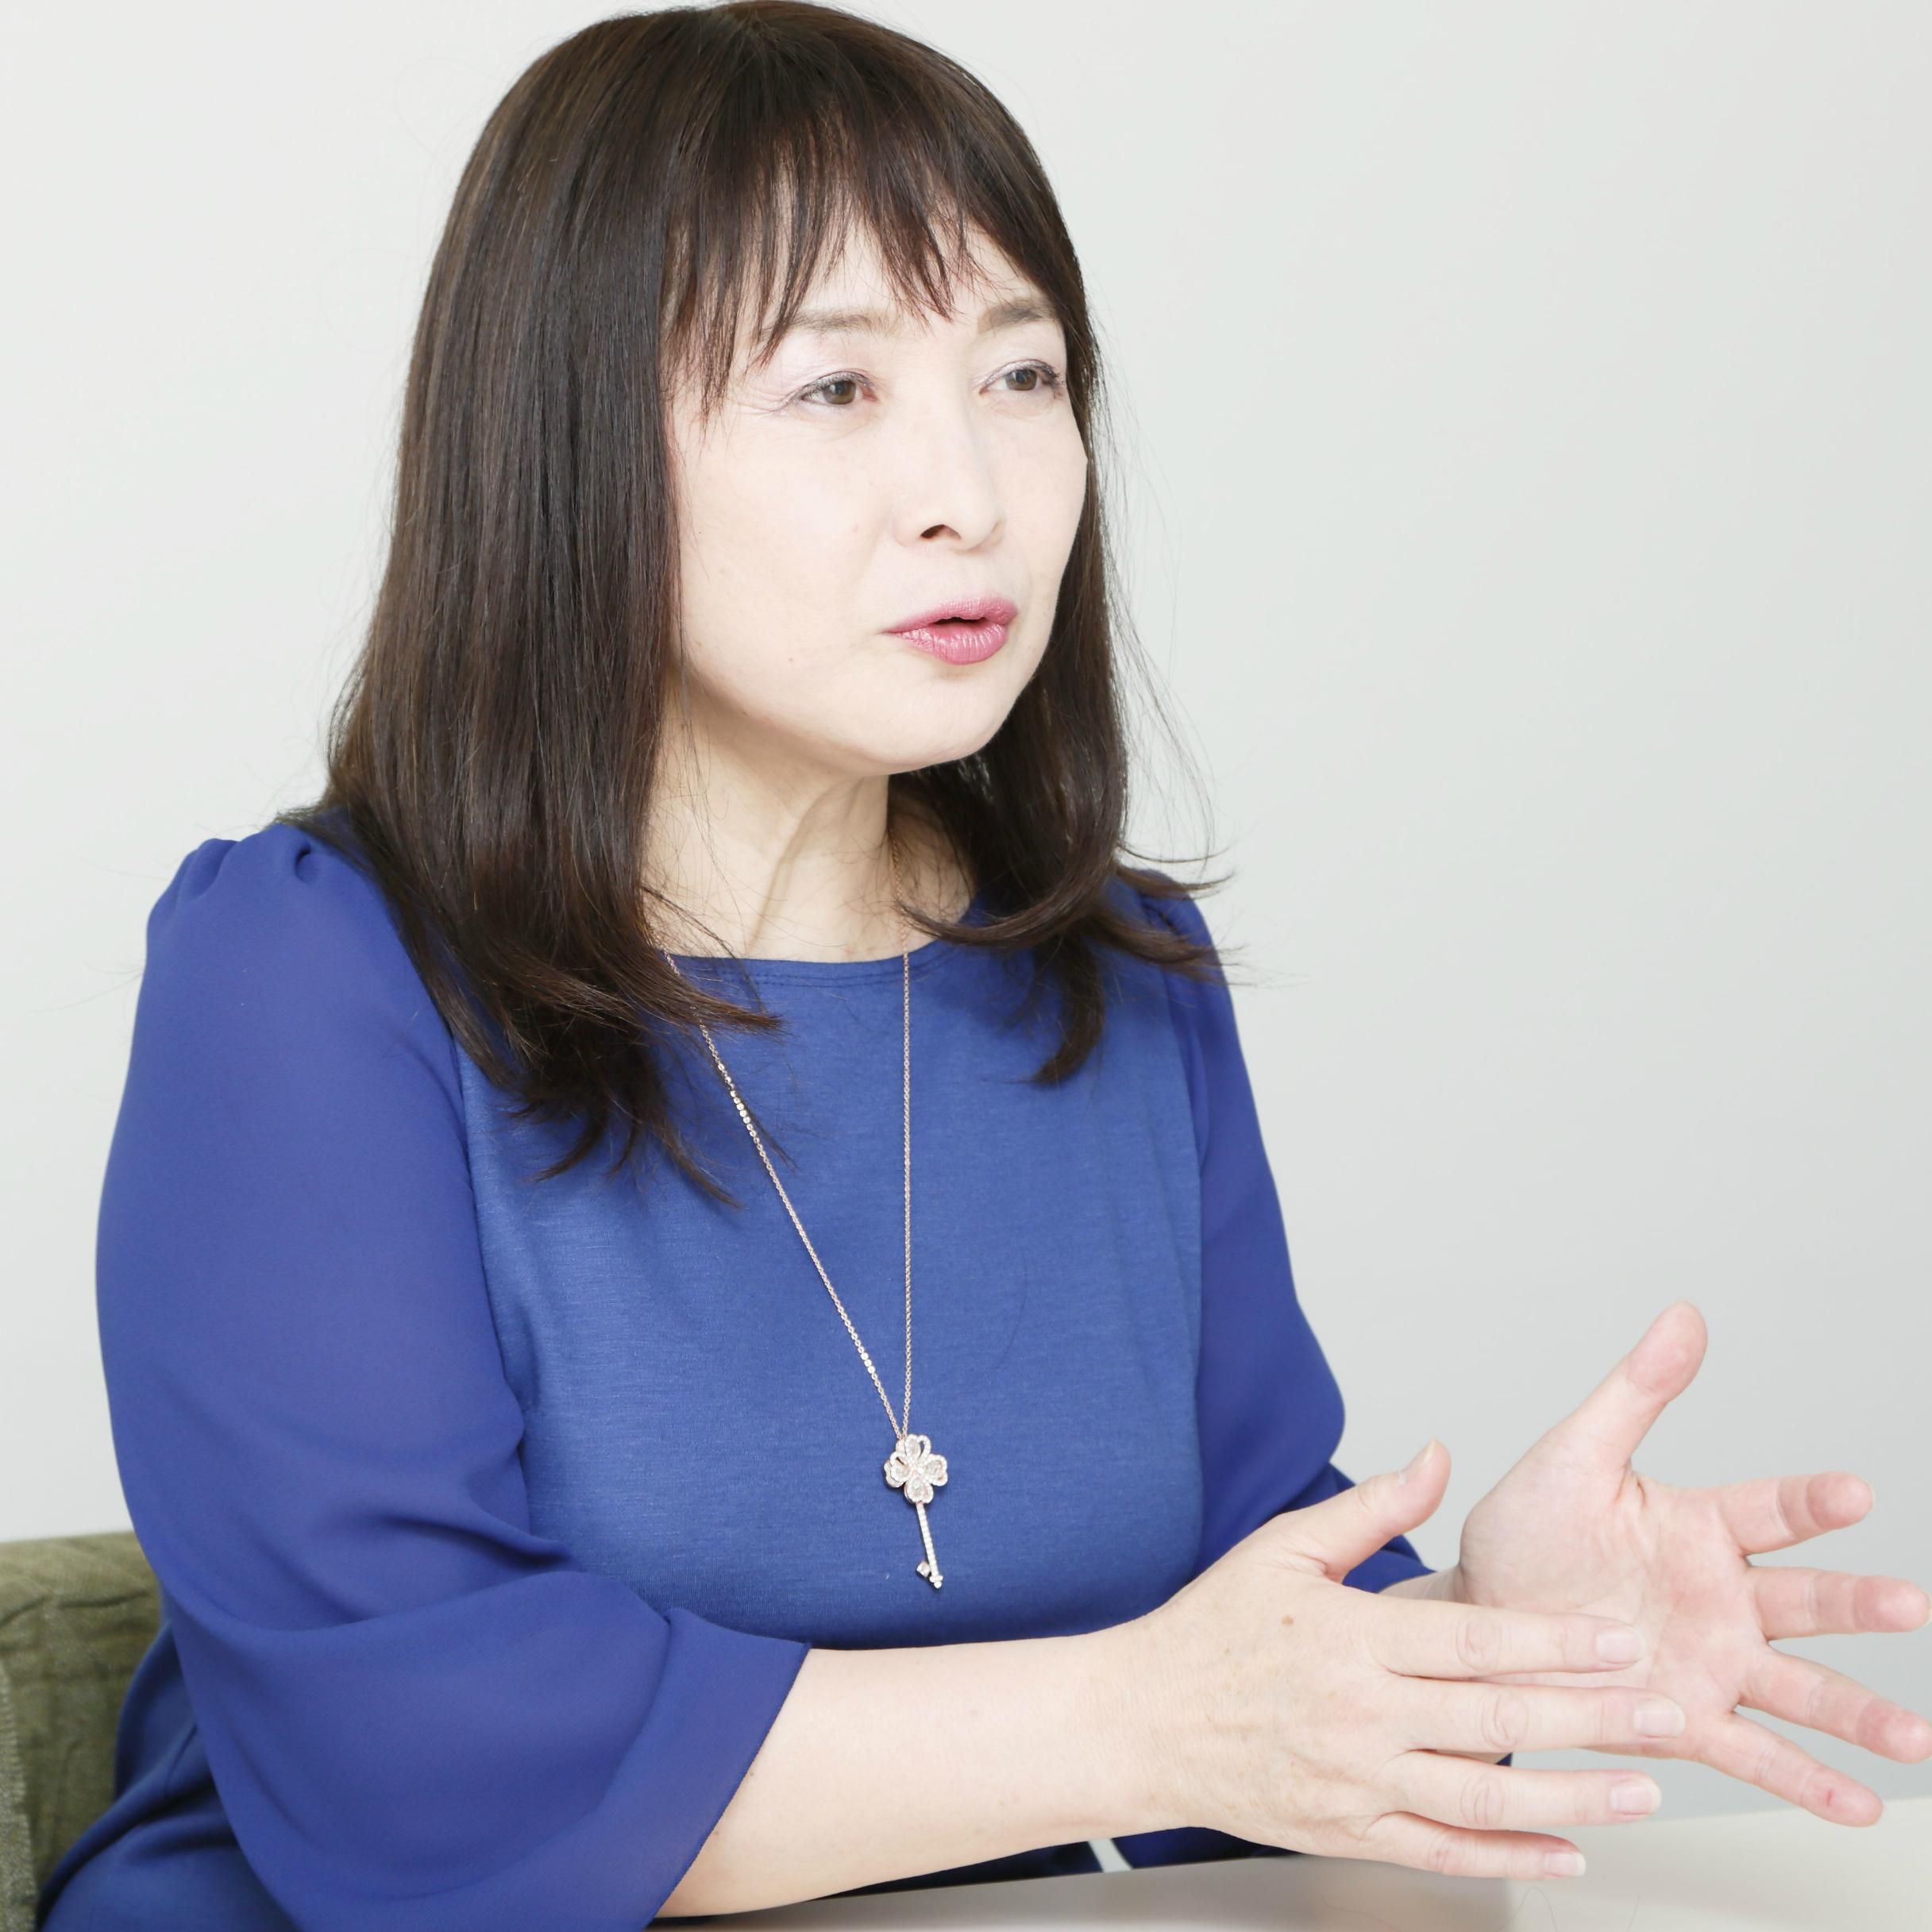 佐藤ママの流儀「3歳までに童謡を1万曲、絵本を1万冊」。きれいな日本語を耳から与えた<br />